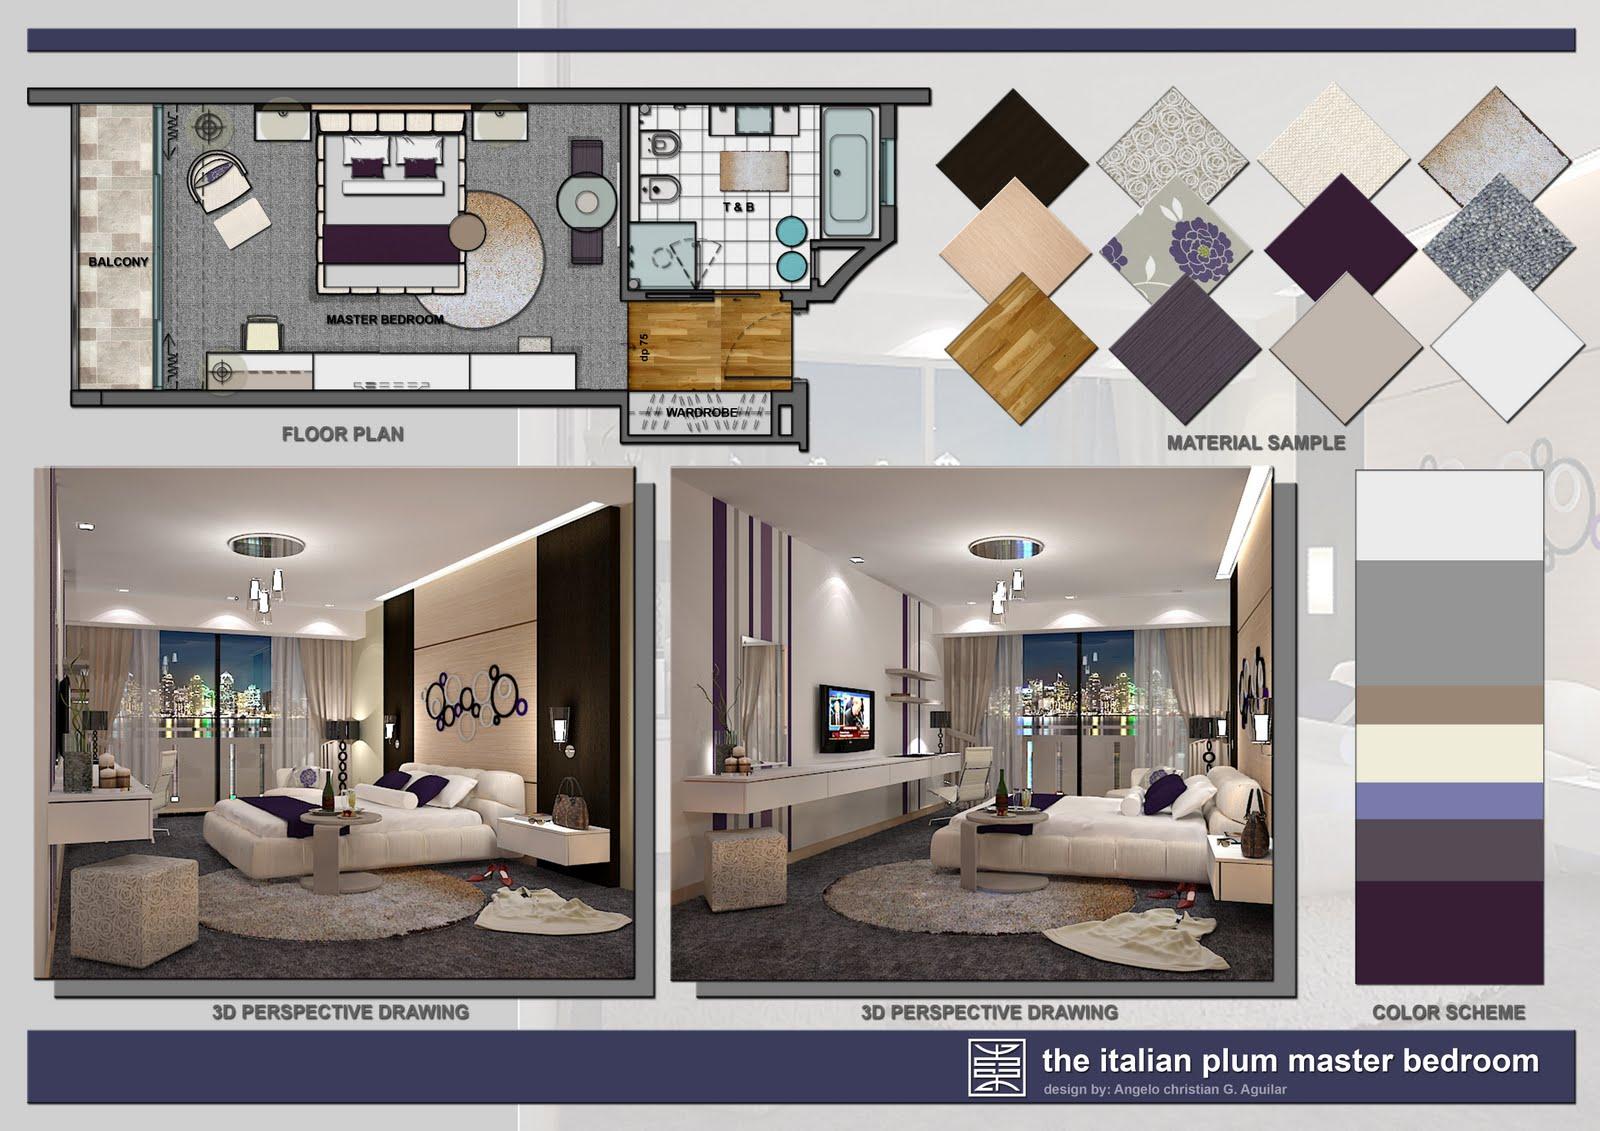 Angelo aguilar interior design portfolio the italian plum - Masters in interior design online ...